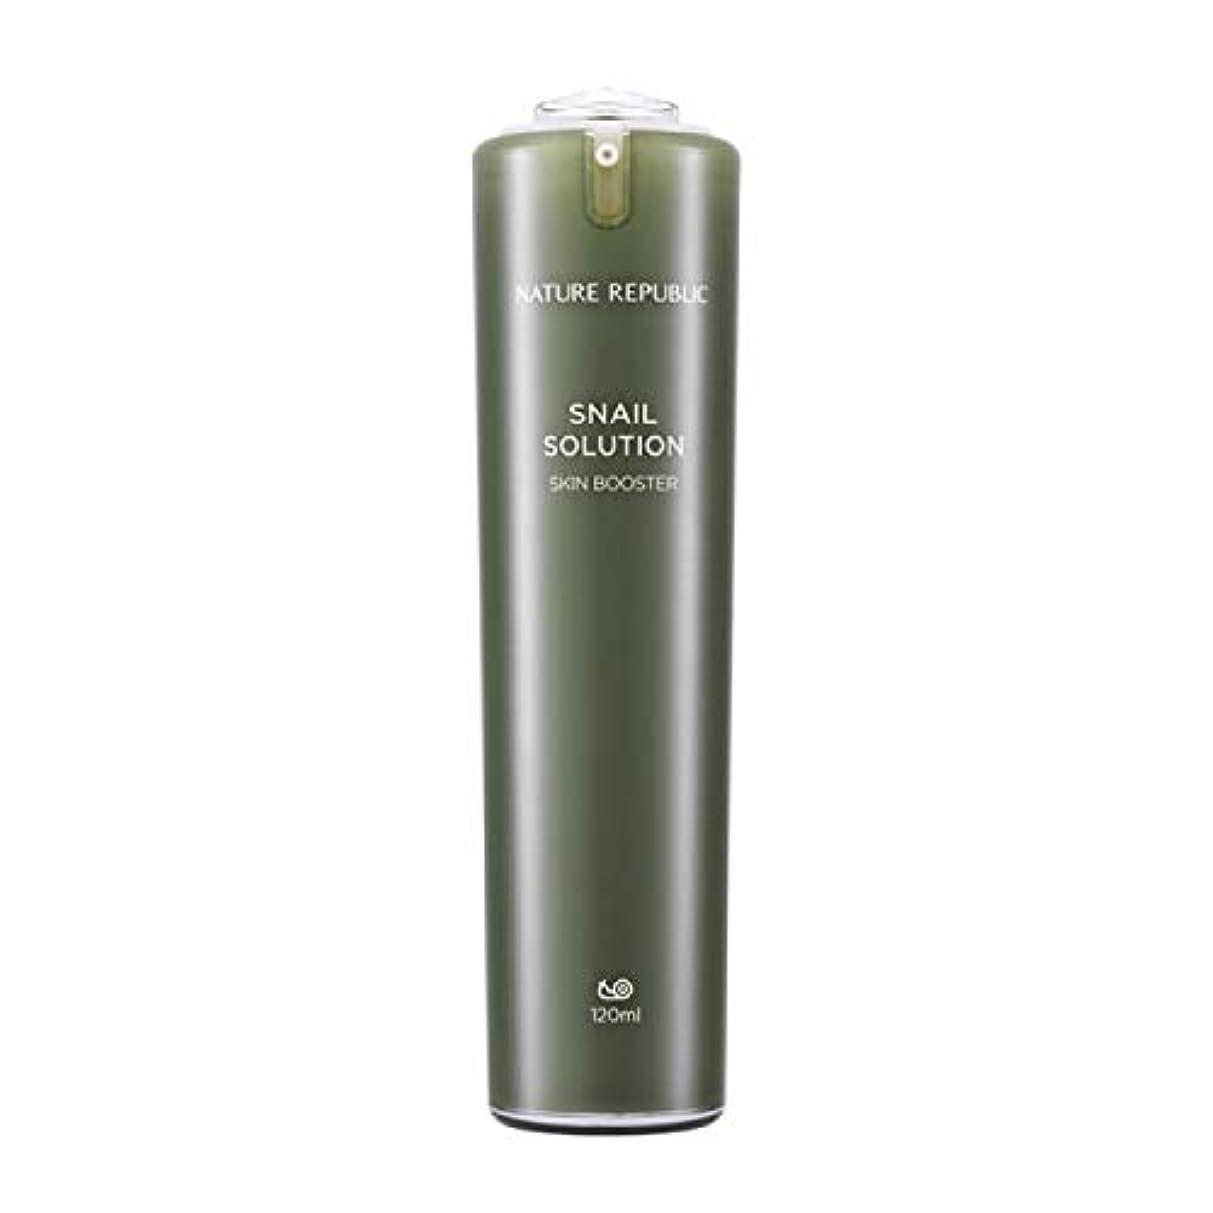 私たちのポジティブシャベルネイチャーリパブリック(Nature Republic)カタツムリソリューションスキンブースター 120ml / Snail Solutions Skin Booster 120ml :: 韓国コスメ [並行輸入品]